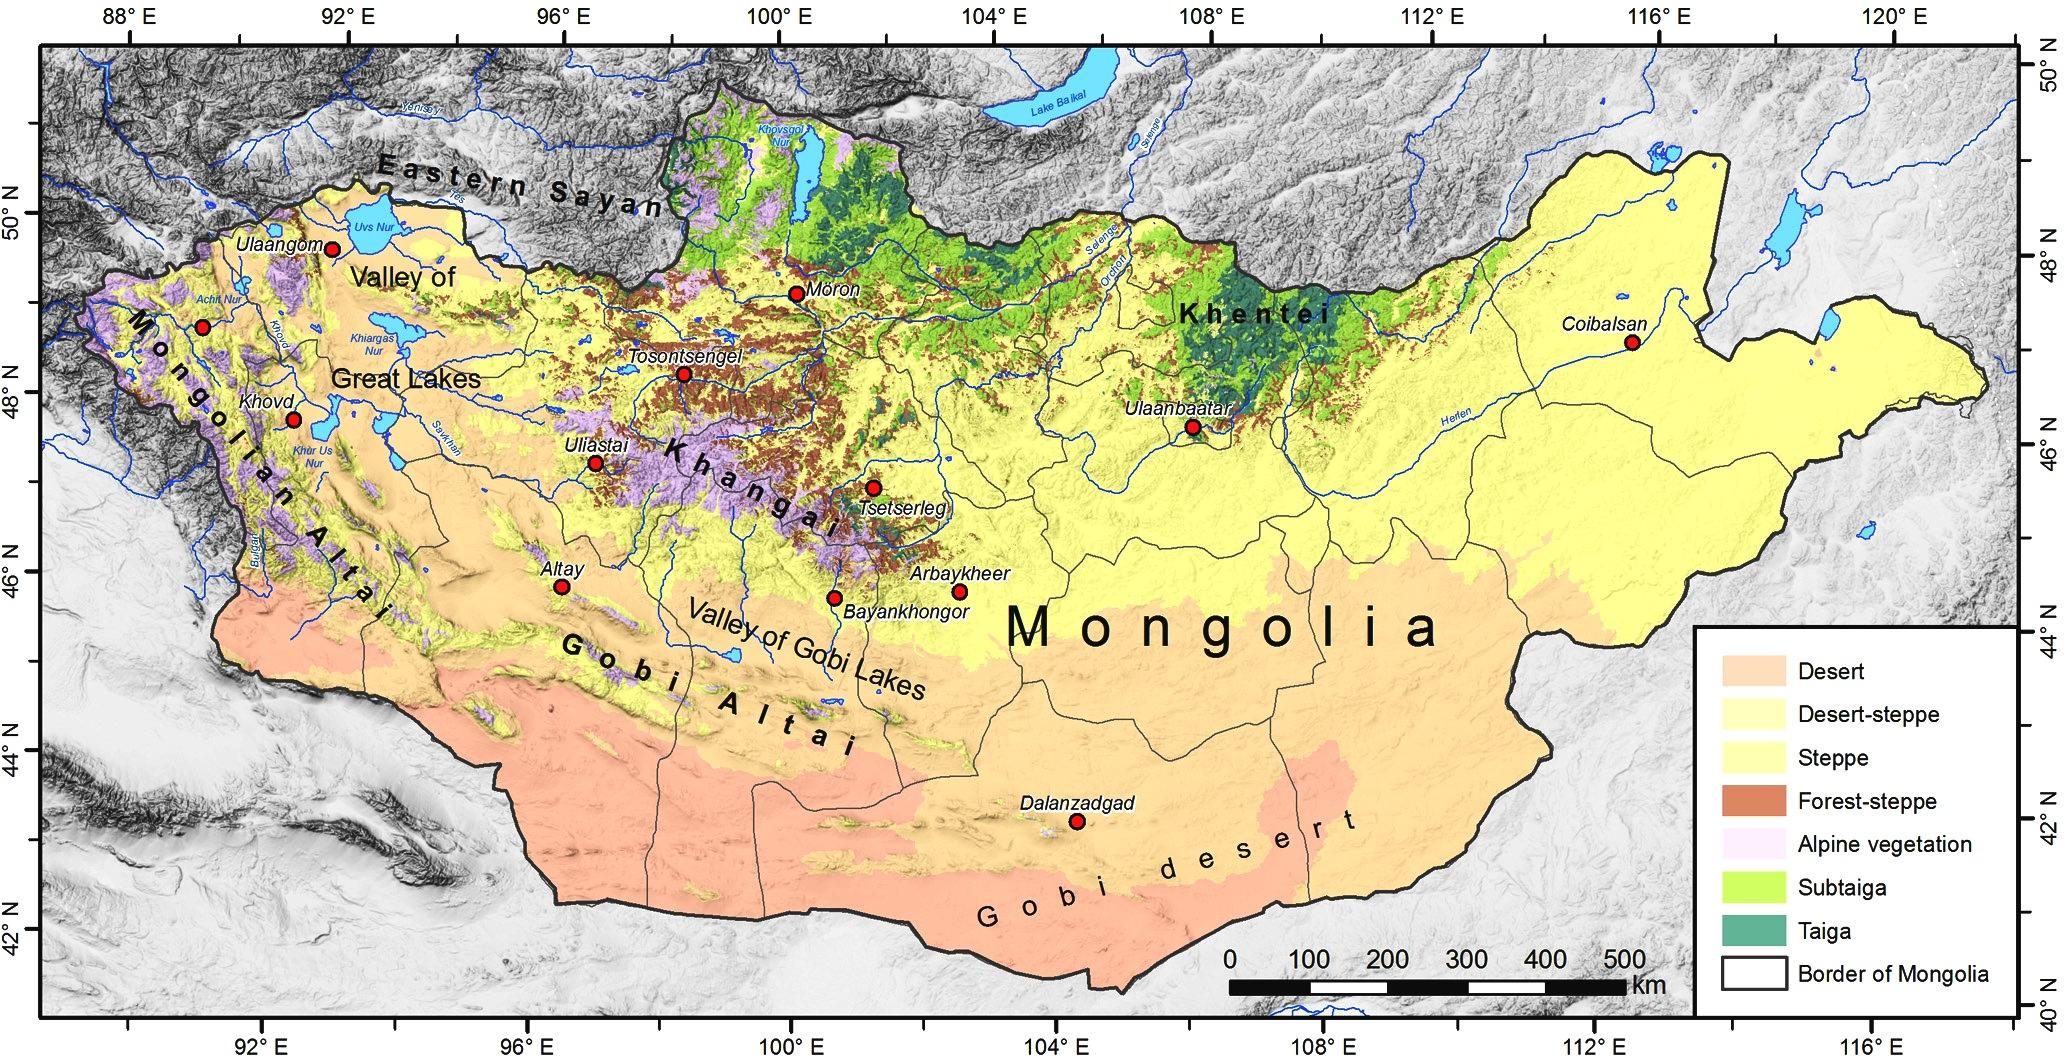 Cartina Geografica Della Mongolia.Mappa Geografica Della Mongolia Paesaggio Ecosistema Flora Fauna